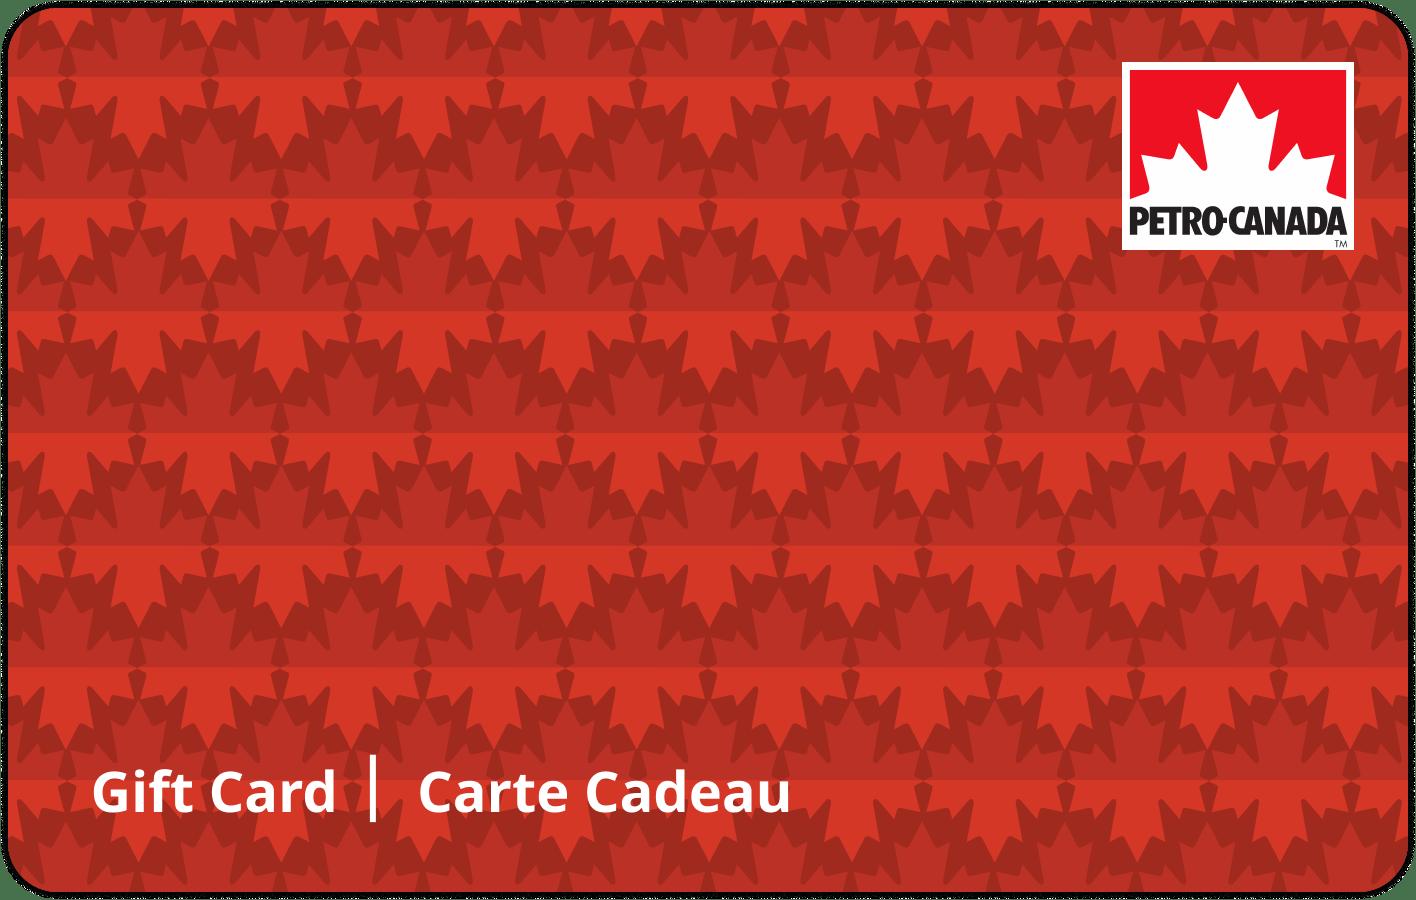 Petro-Canada gift card